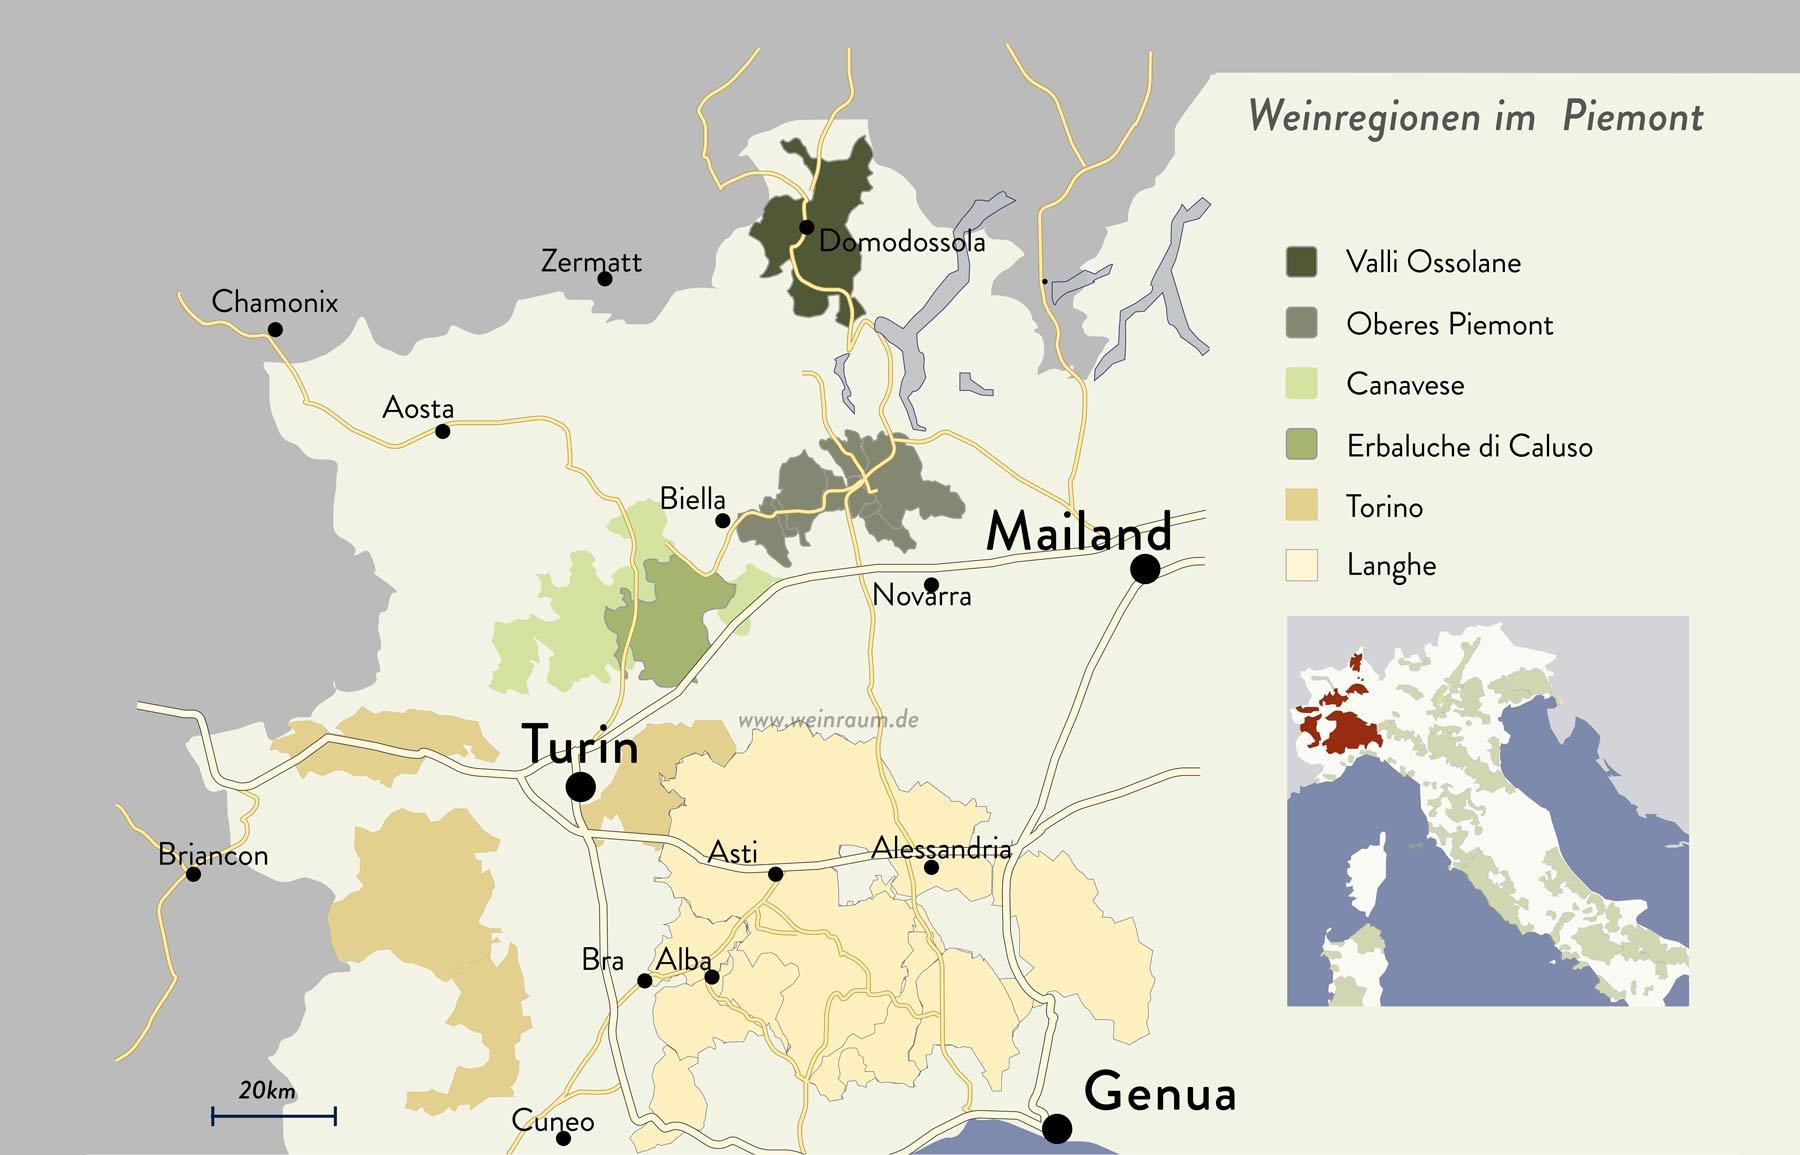 Die Weinregionen im Piemont